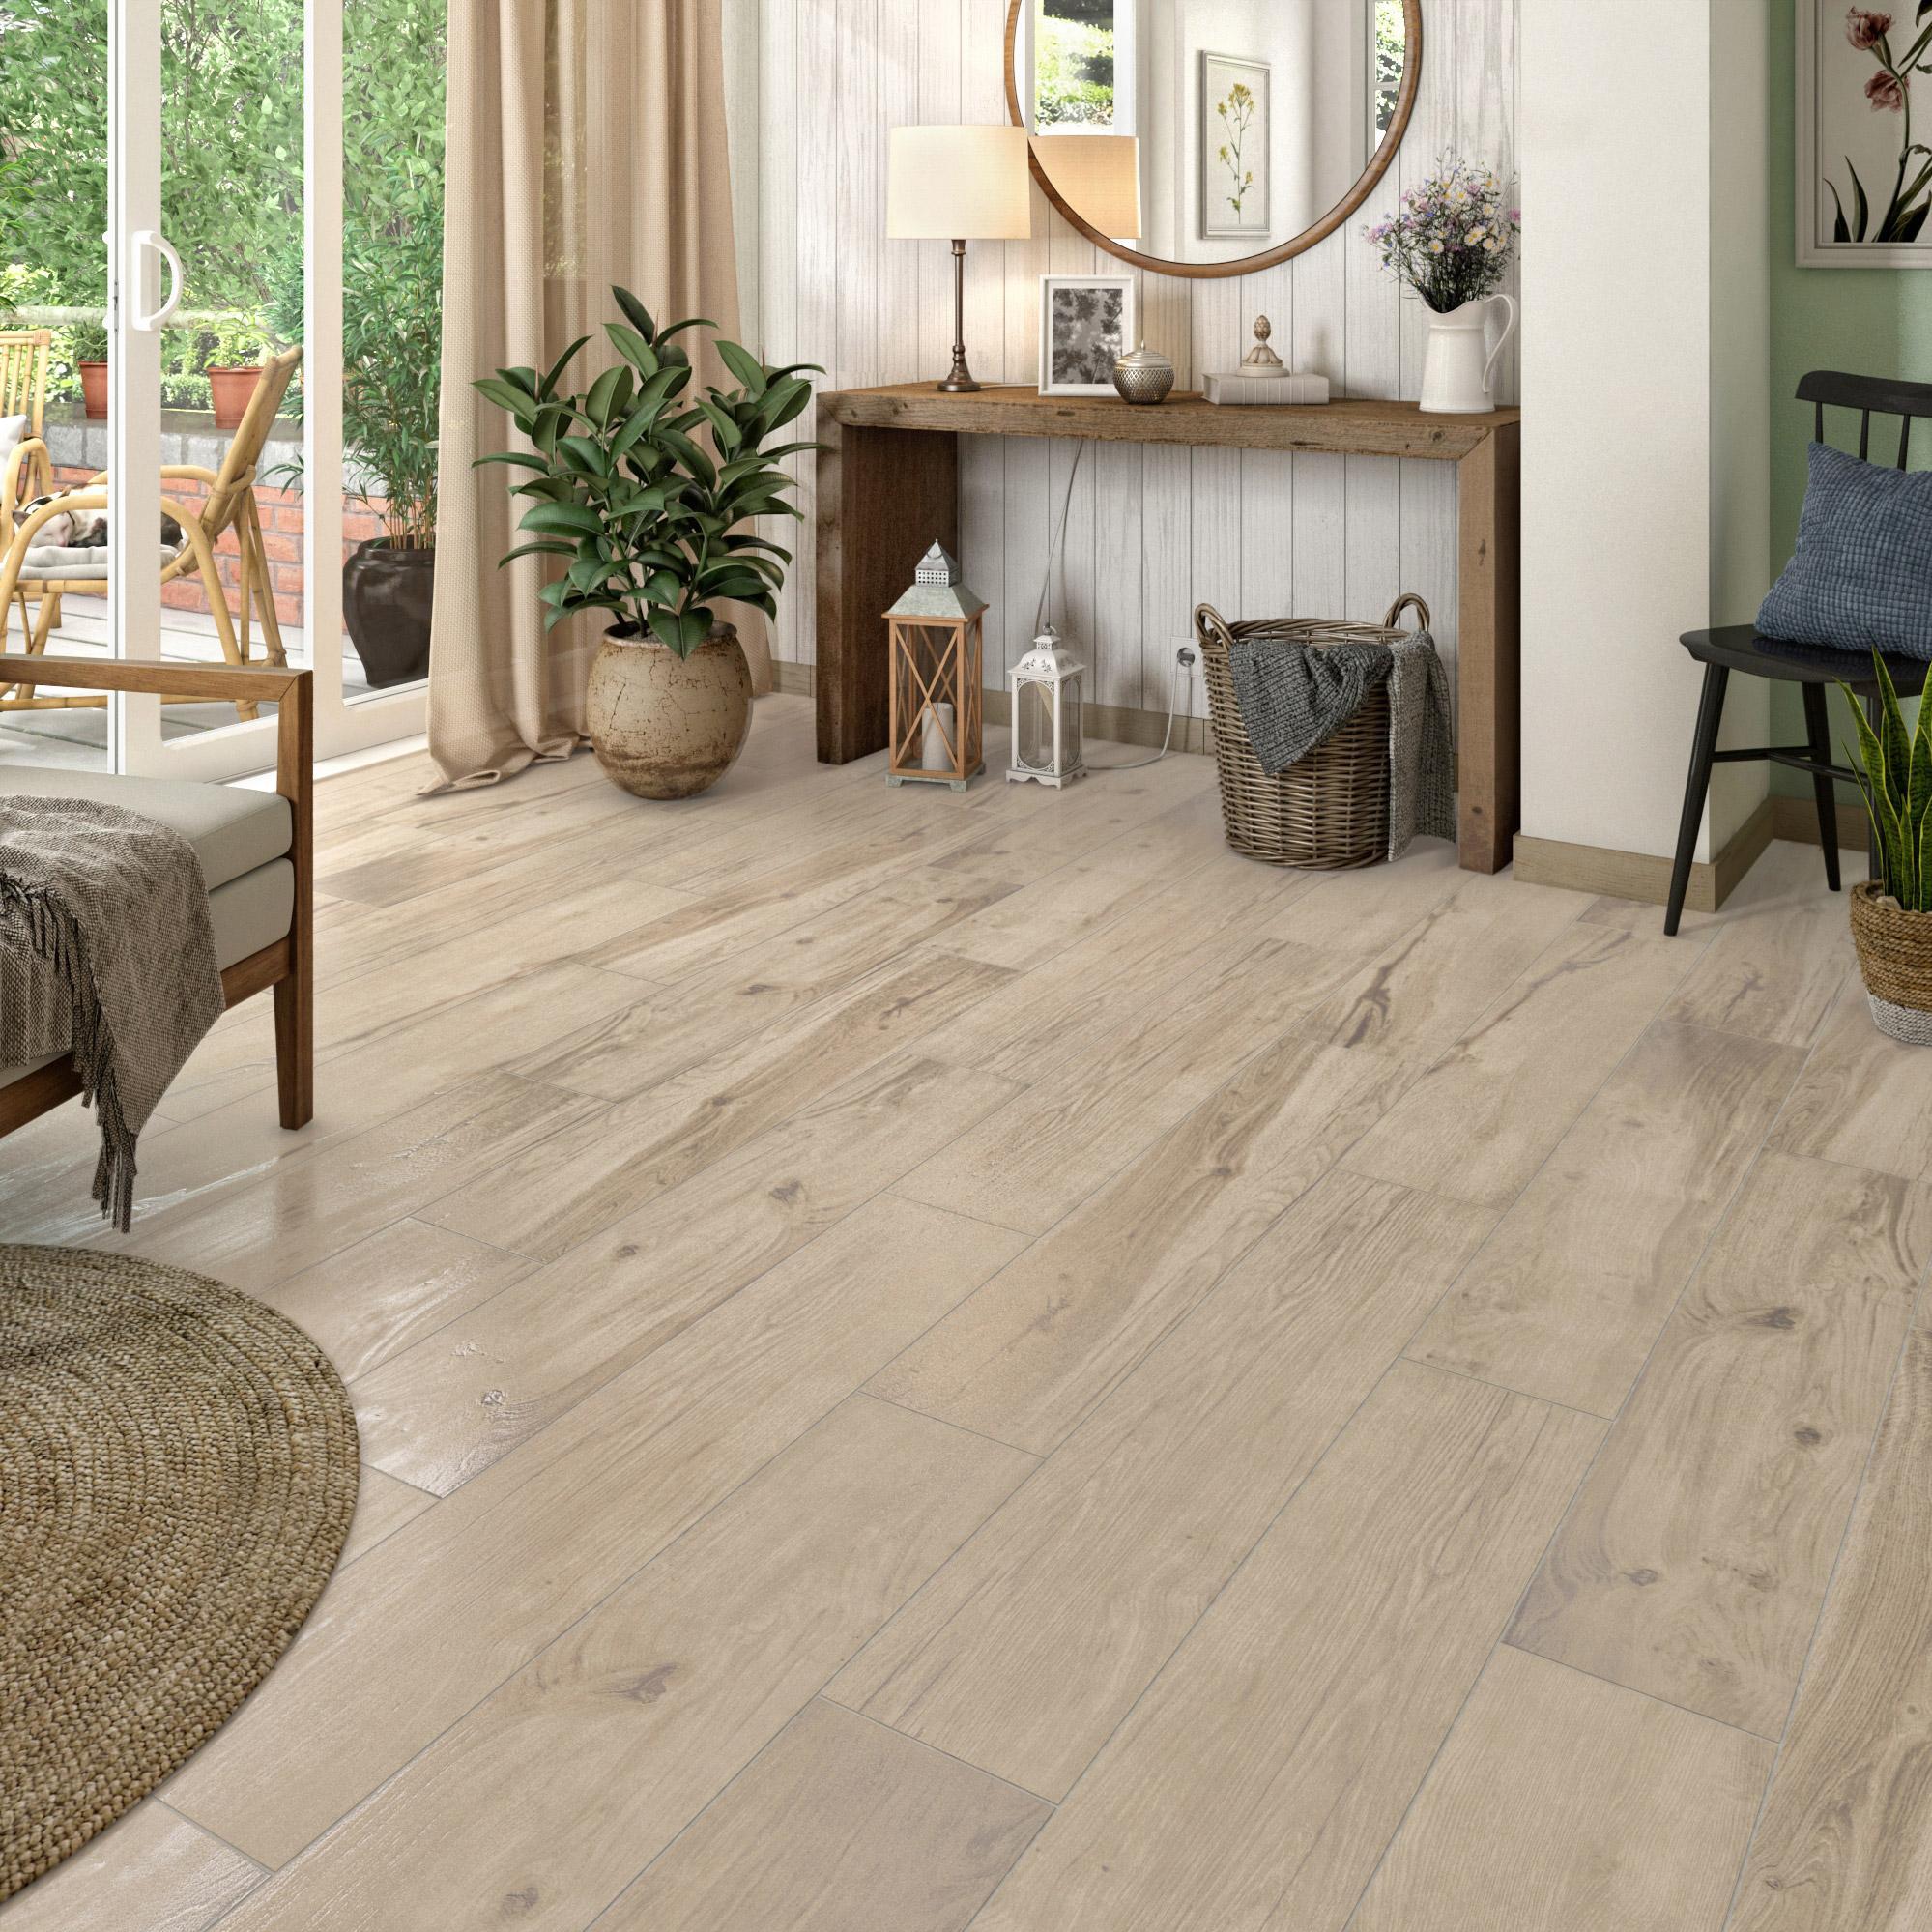 Carrelage sol et mur forte effet bois gris clair Flore l.20.5 x L.100 cm